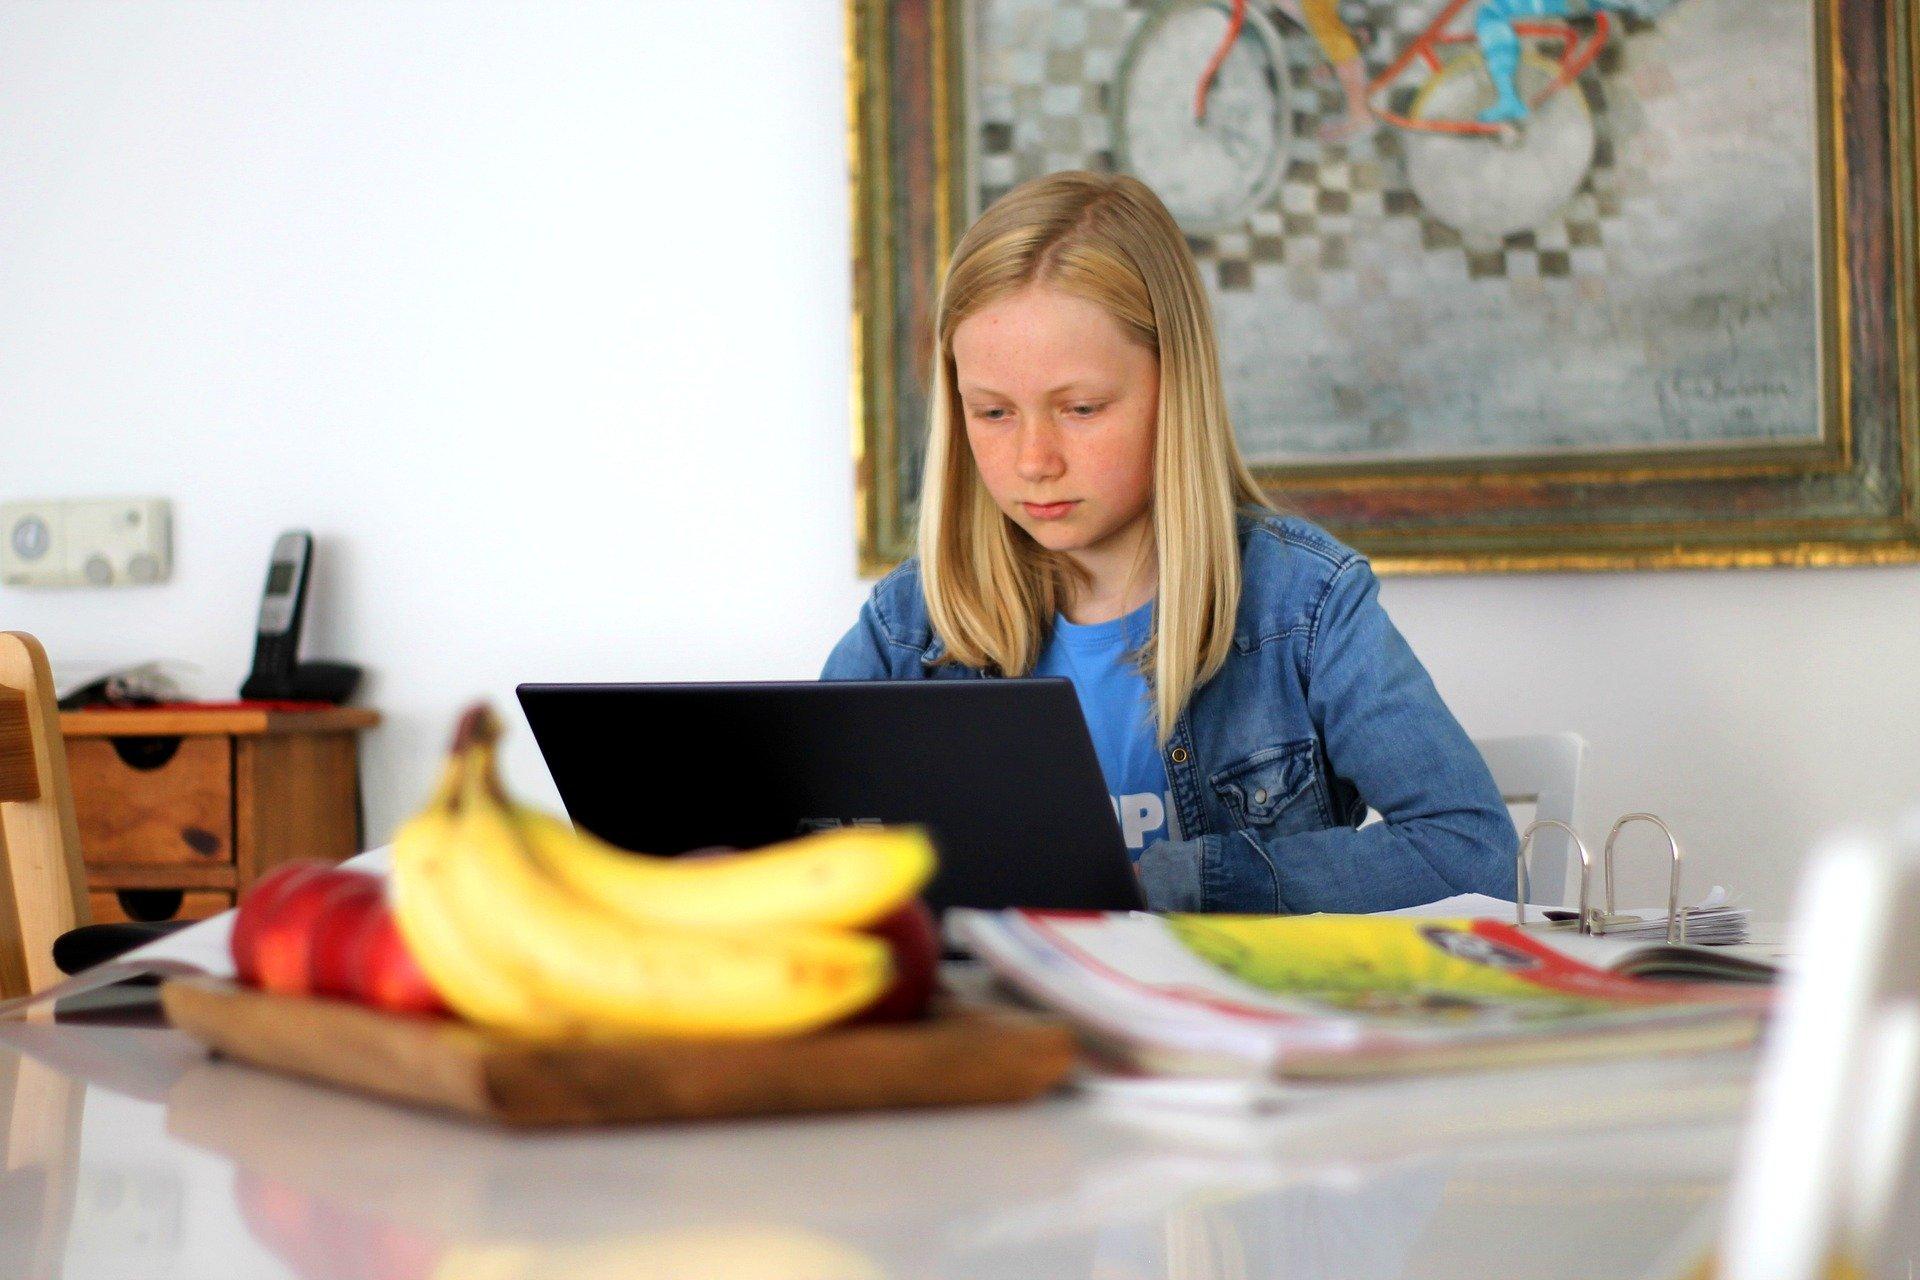 Junge Schülerin lernt von zu Hause: Empfehlungen aus dem Projekt DigiBitS - Digitale Bildung trifft Schule